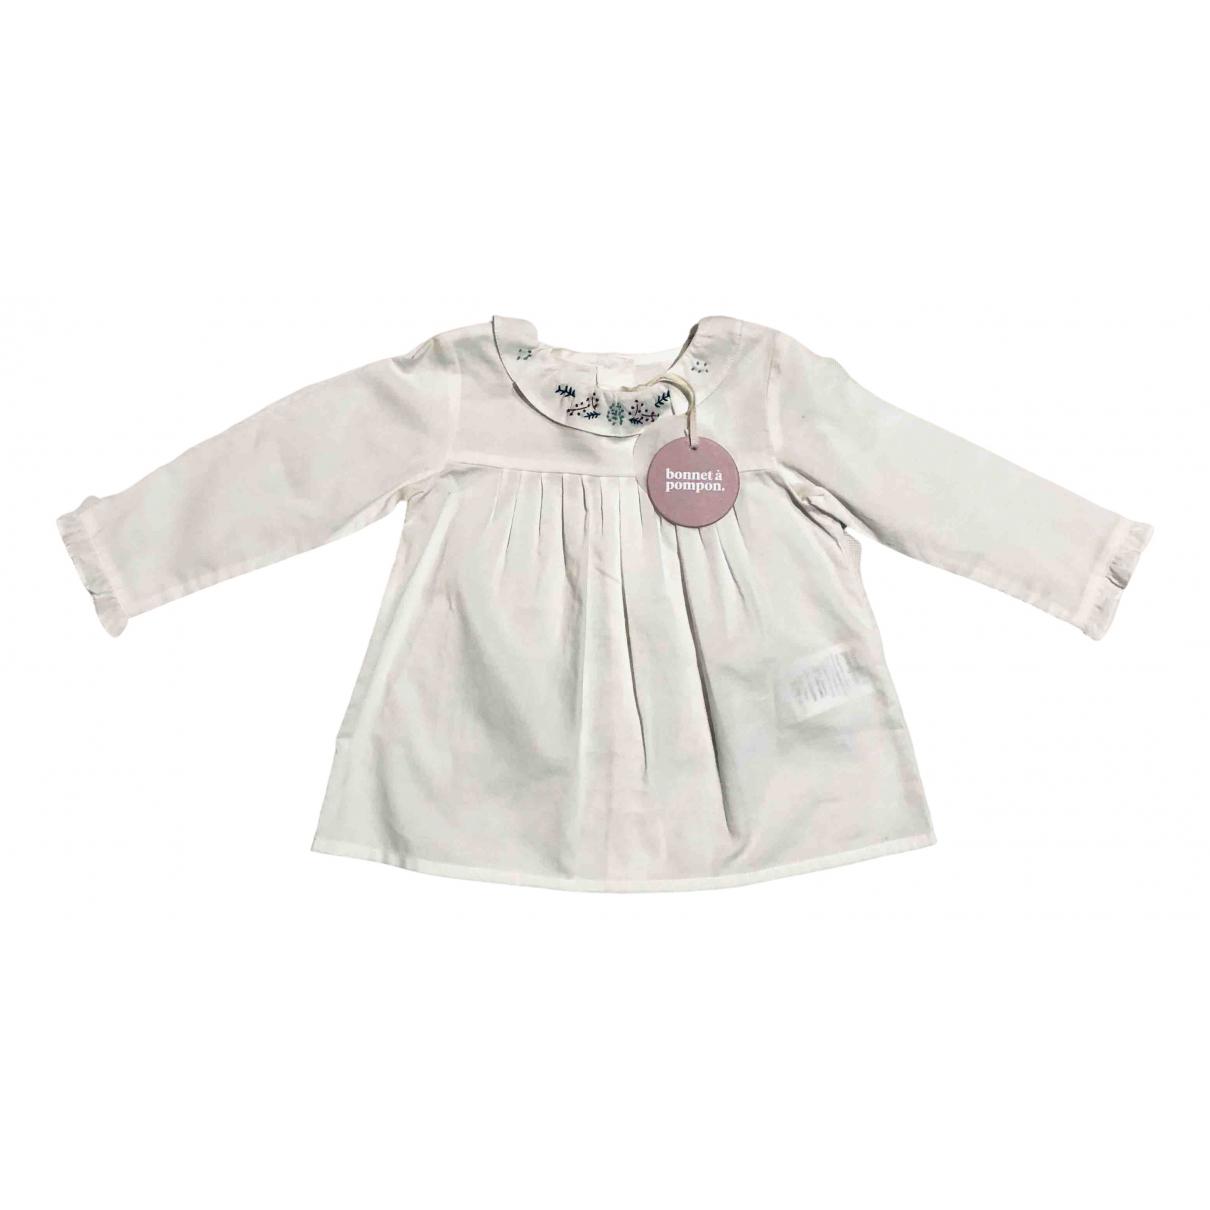 Camisa Bonnet A Pompon